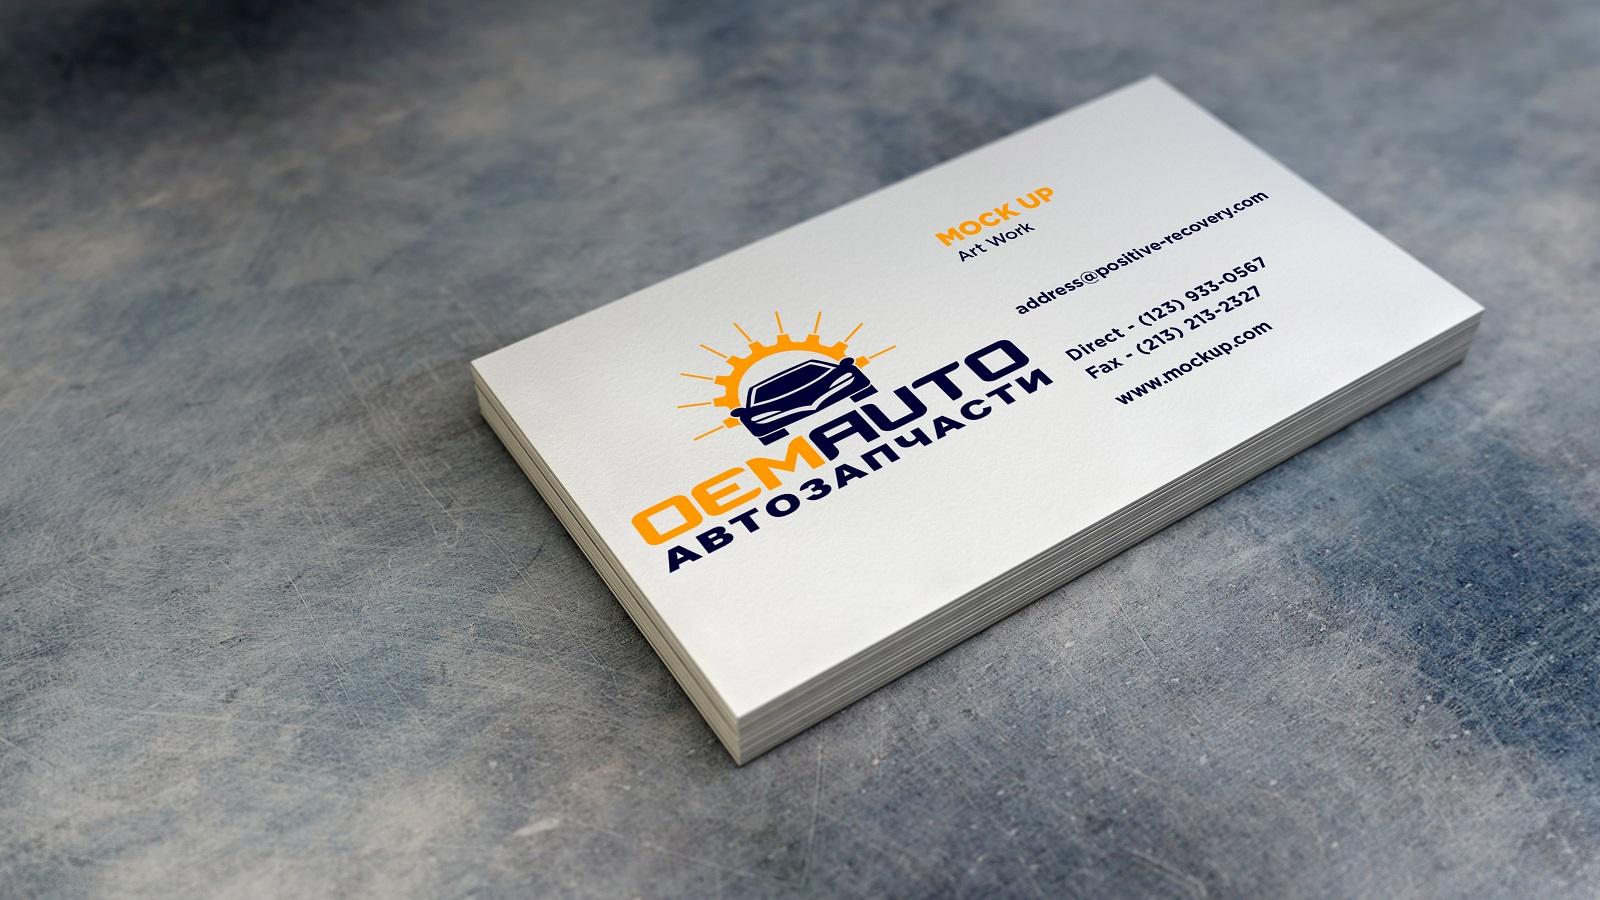 Разработать логотип и дизайн визитки  фото f_9705b67f2d85e448.jpg